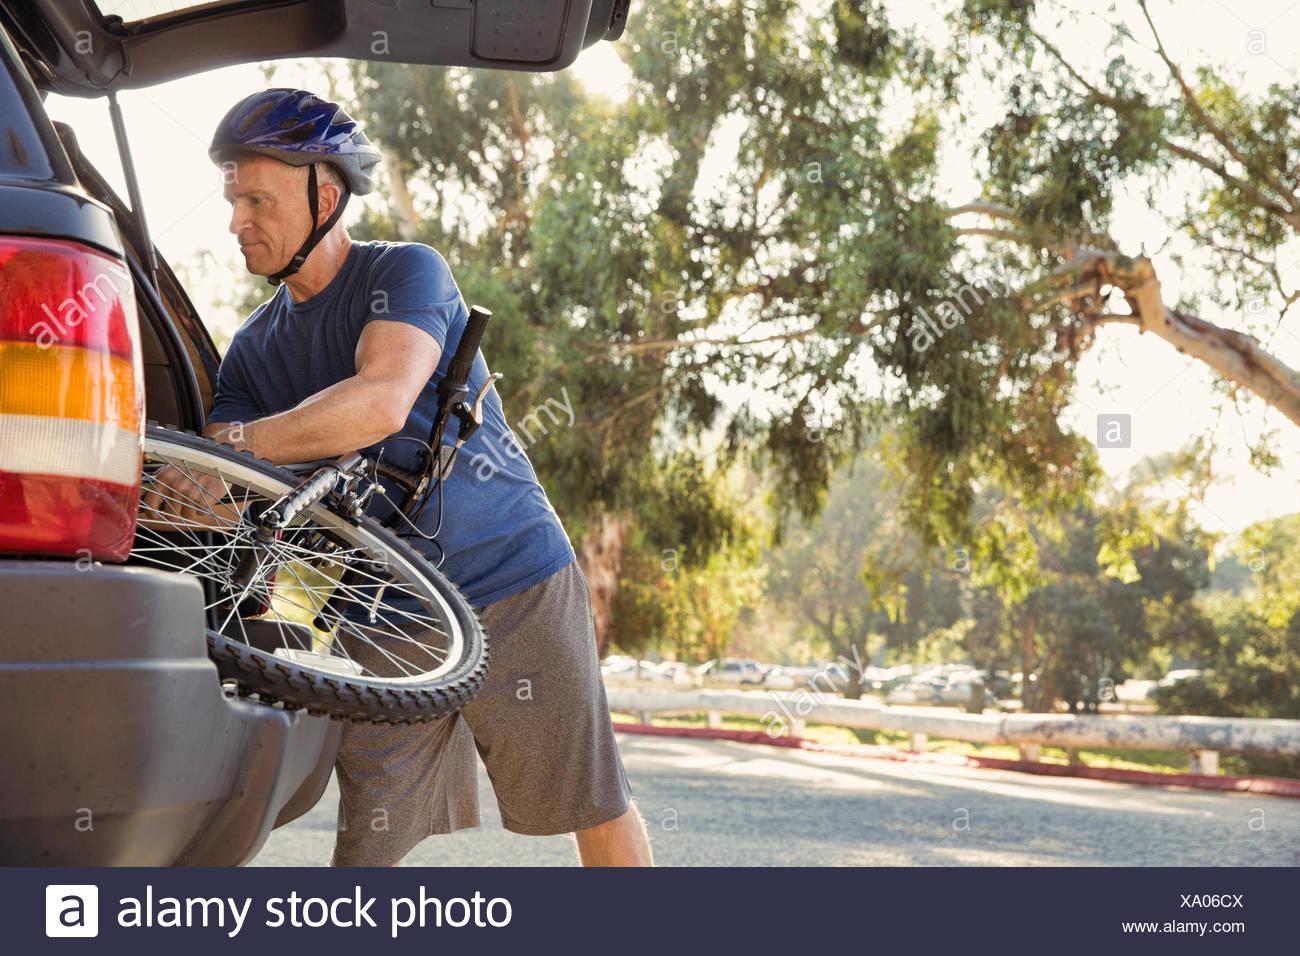 Uomo maturo la rimozione di bicicletta dal bagagliaio della vettura in posizione di parcheggio Immagini Stock